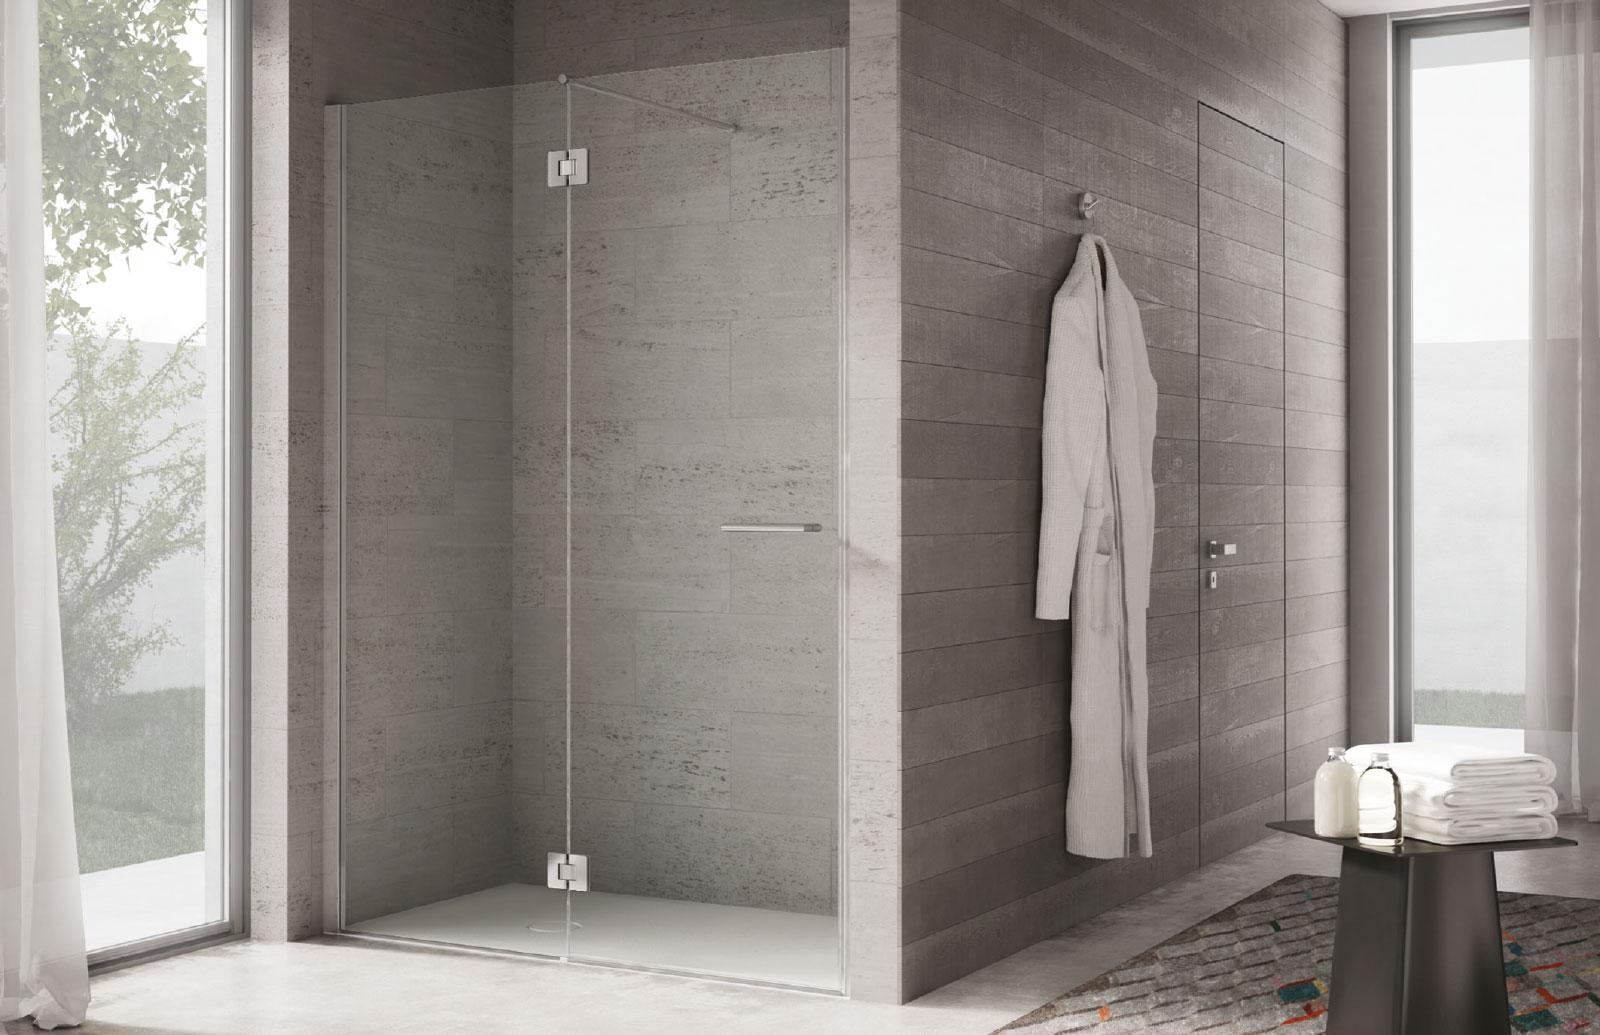 Accessori Bagno E Doccia : Project cabina doccia su misura disenia